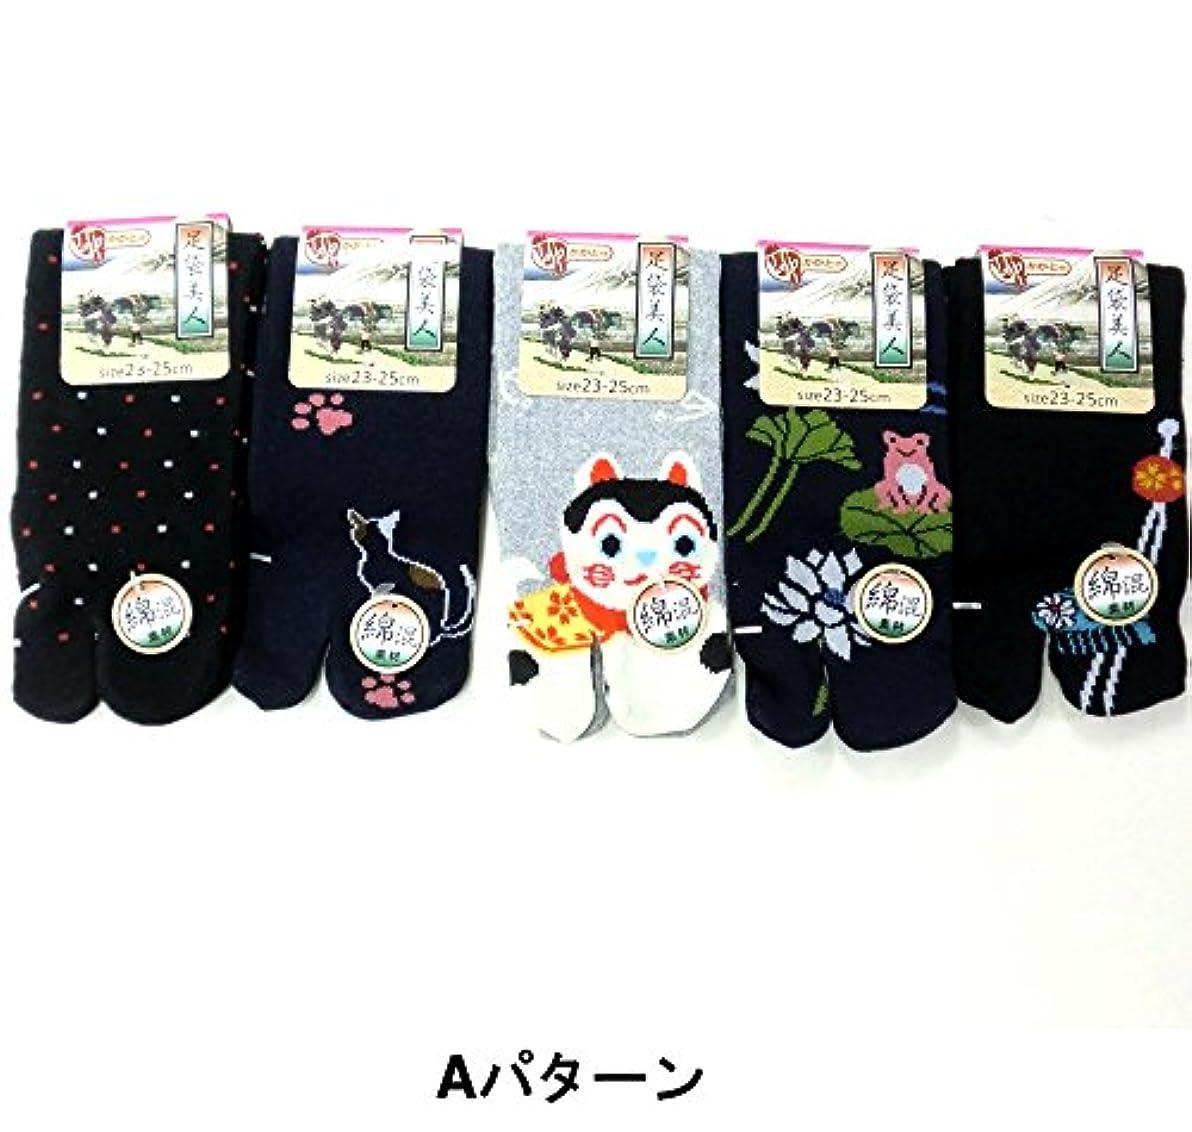 終了する推論天文学足袋 ソックス レディース 和柄 かわいい 綿混 23-25cm お買い得5足セット (Aパターン)